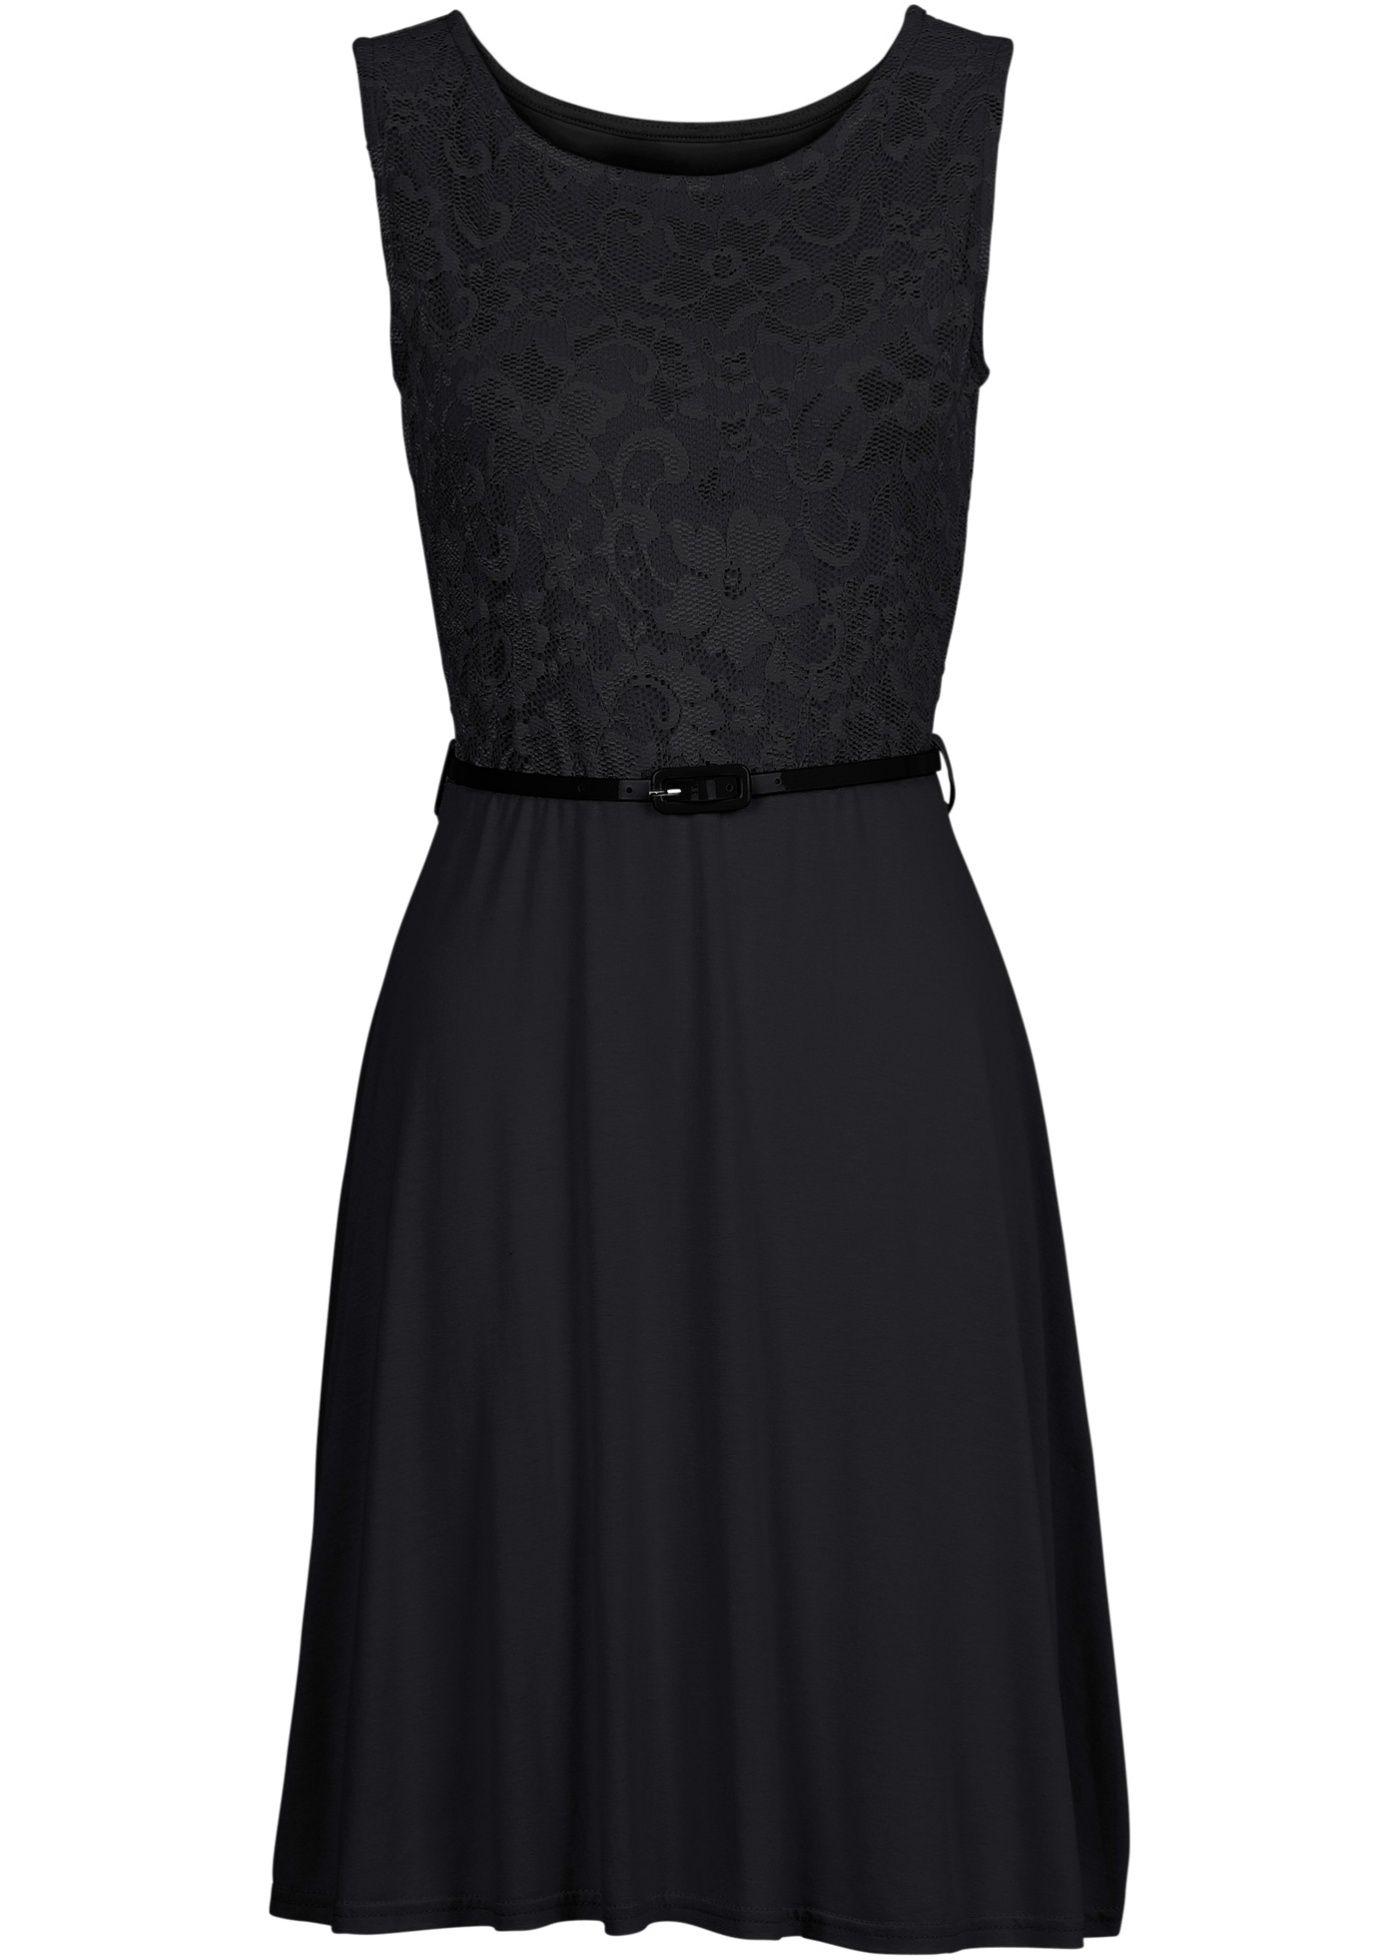 shirtkleid mit spitze | kleider konfirmation, kleider, kleid